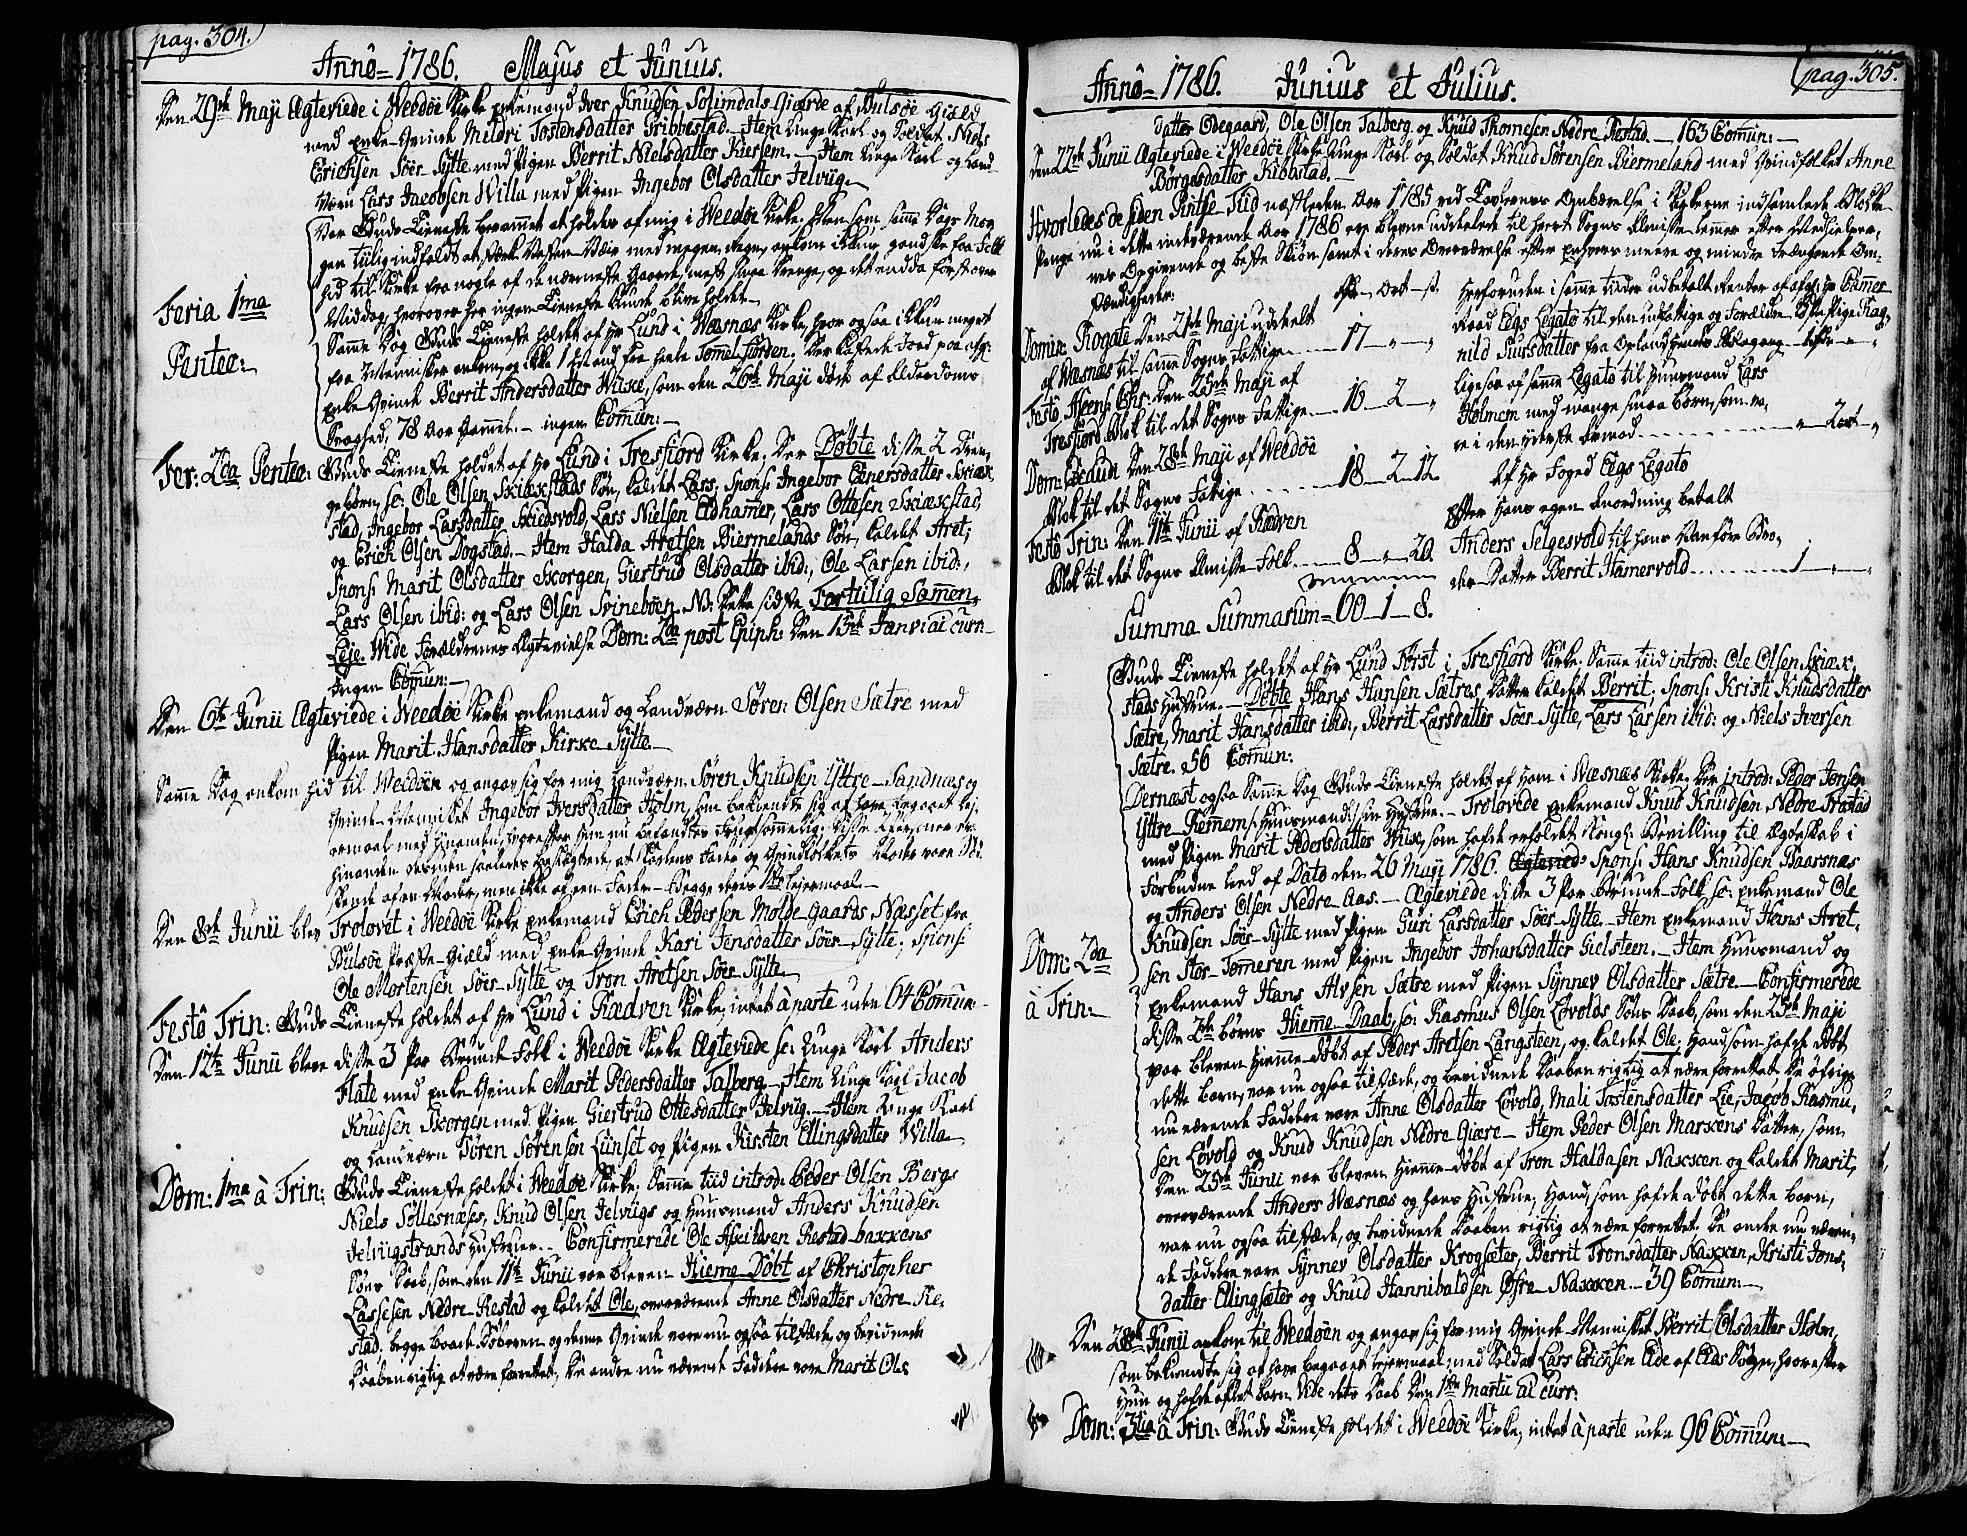 SAT, Ministerialprotokoller, klokkerbøker og fødselsregistre - Møre og Romsdal, 547/L0600: Parish register (official) no. 547A02, 1765-1799, p. 304-305